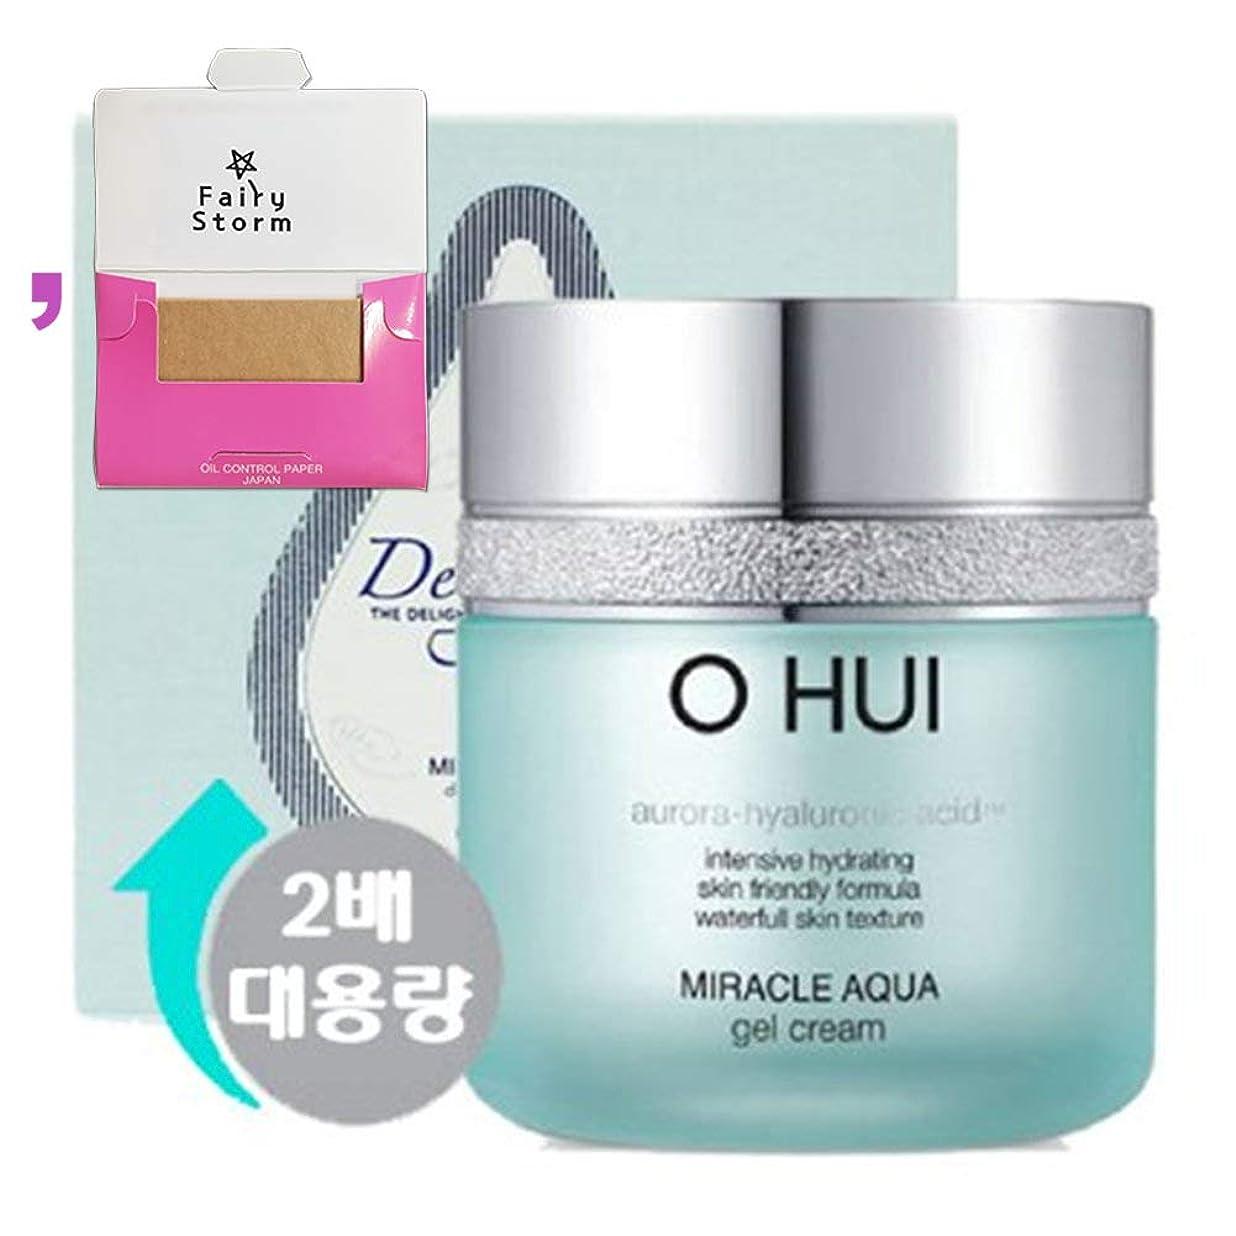 オフェンスアクティビティダウン[オフィ/O HUI]韓国化粧品LG生活健康/Miracle Aqua Gel Cream Special Set/ミラクルアクアゲルクリーム100mlの大容量企画セット+[Sample Gift](海外直送品)